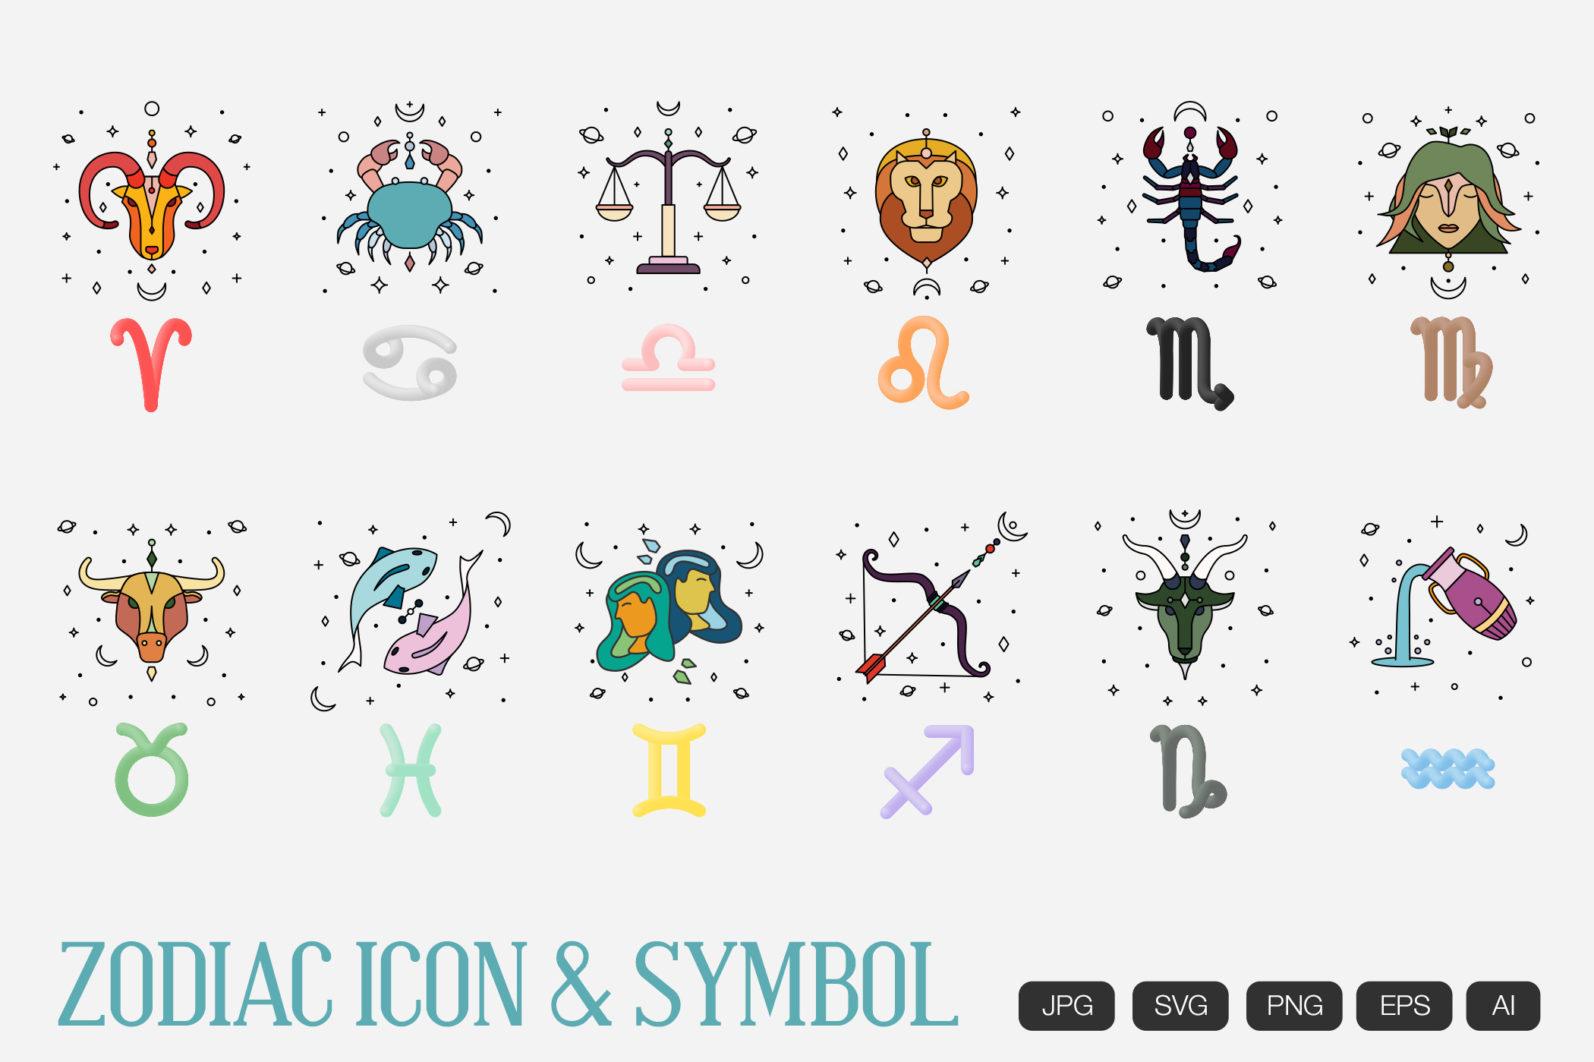 Zodiac Icon & Signs - scr 3 -